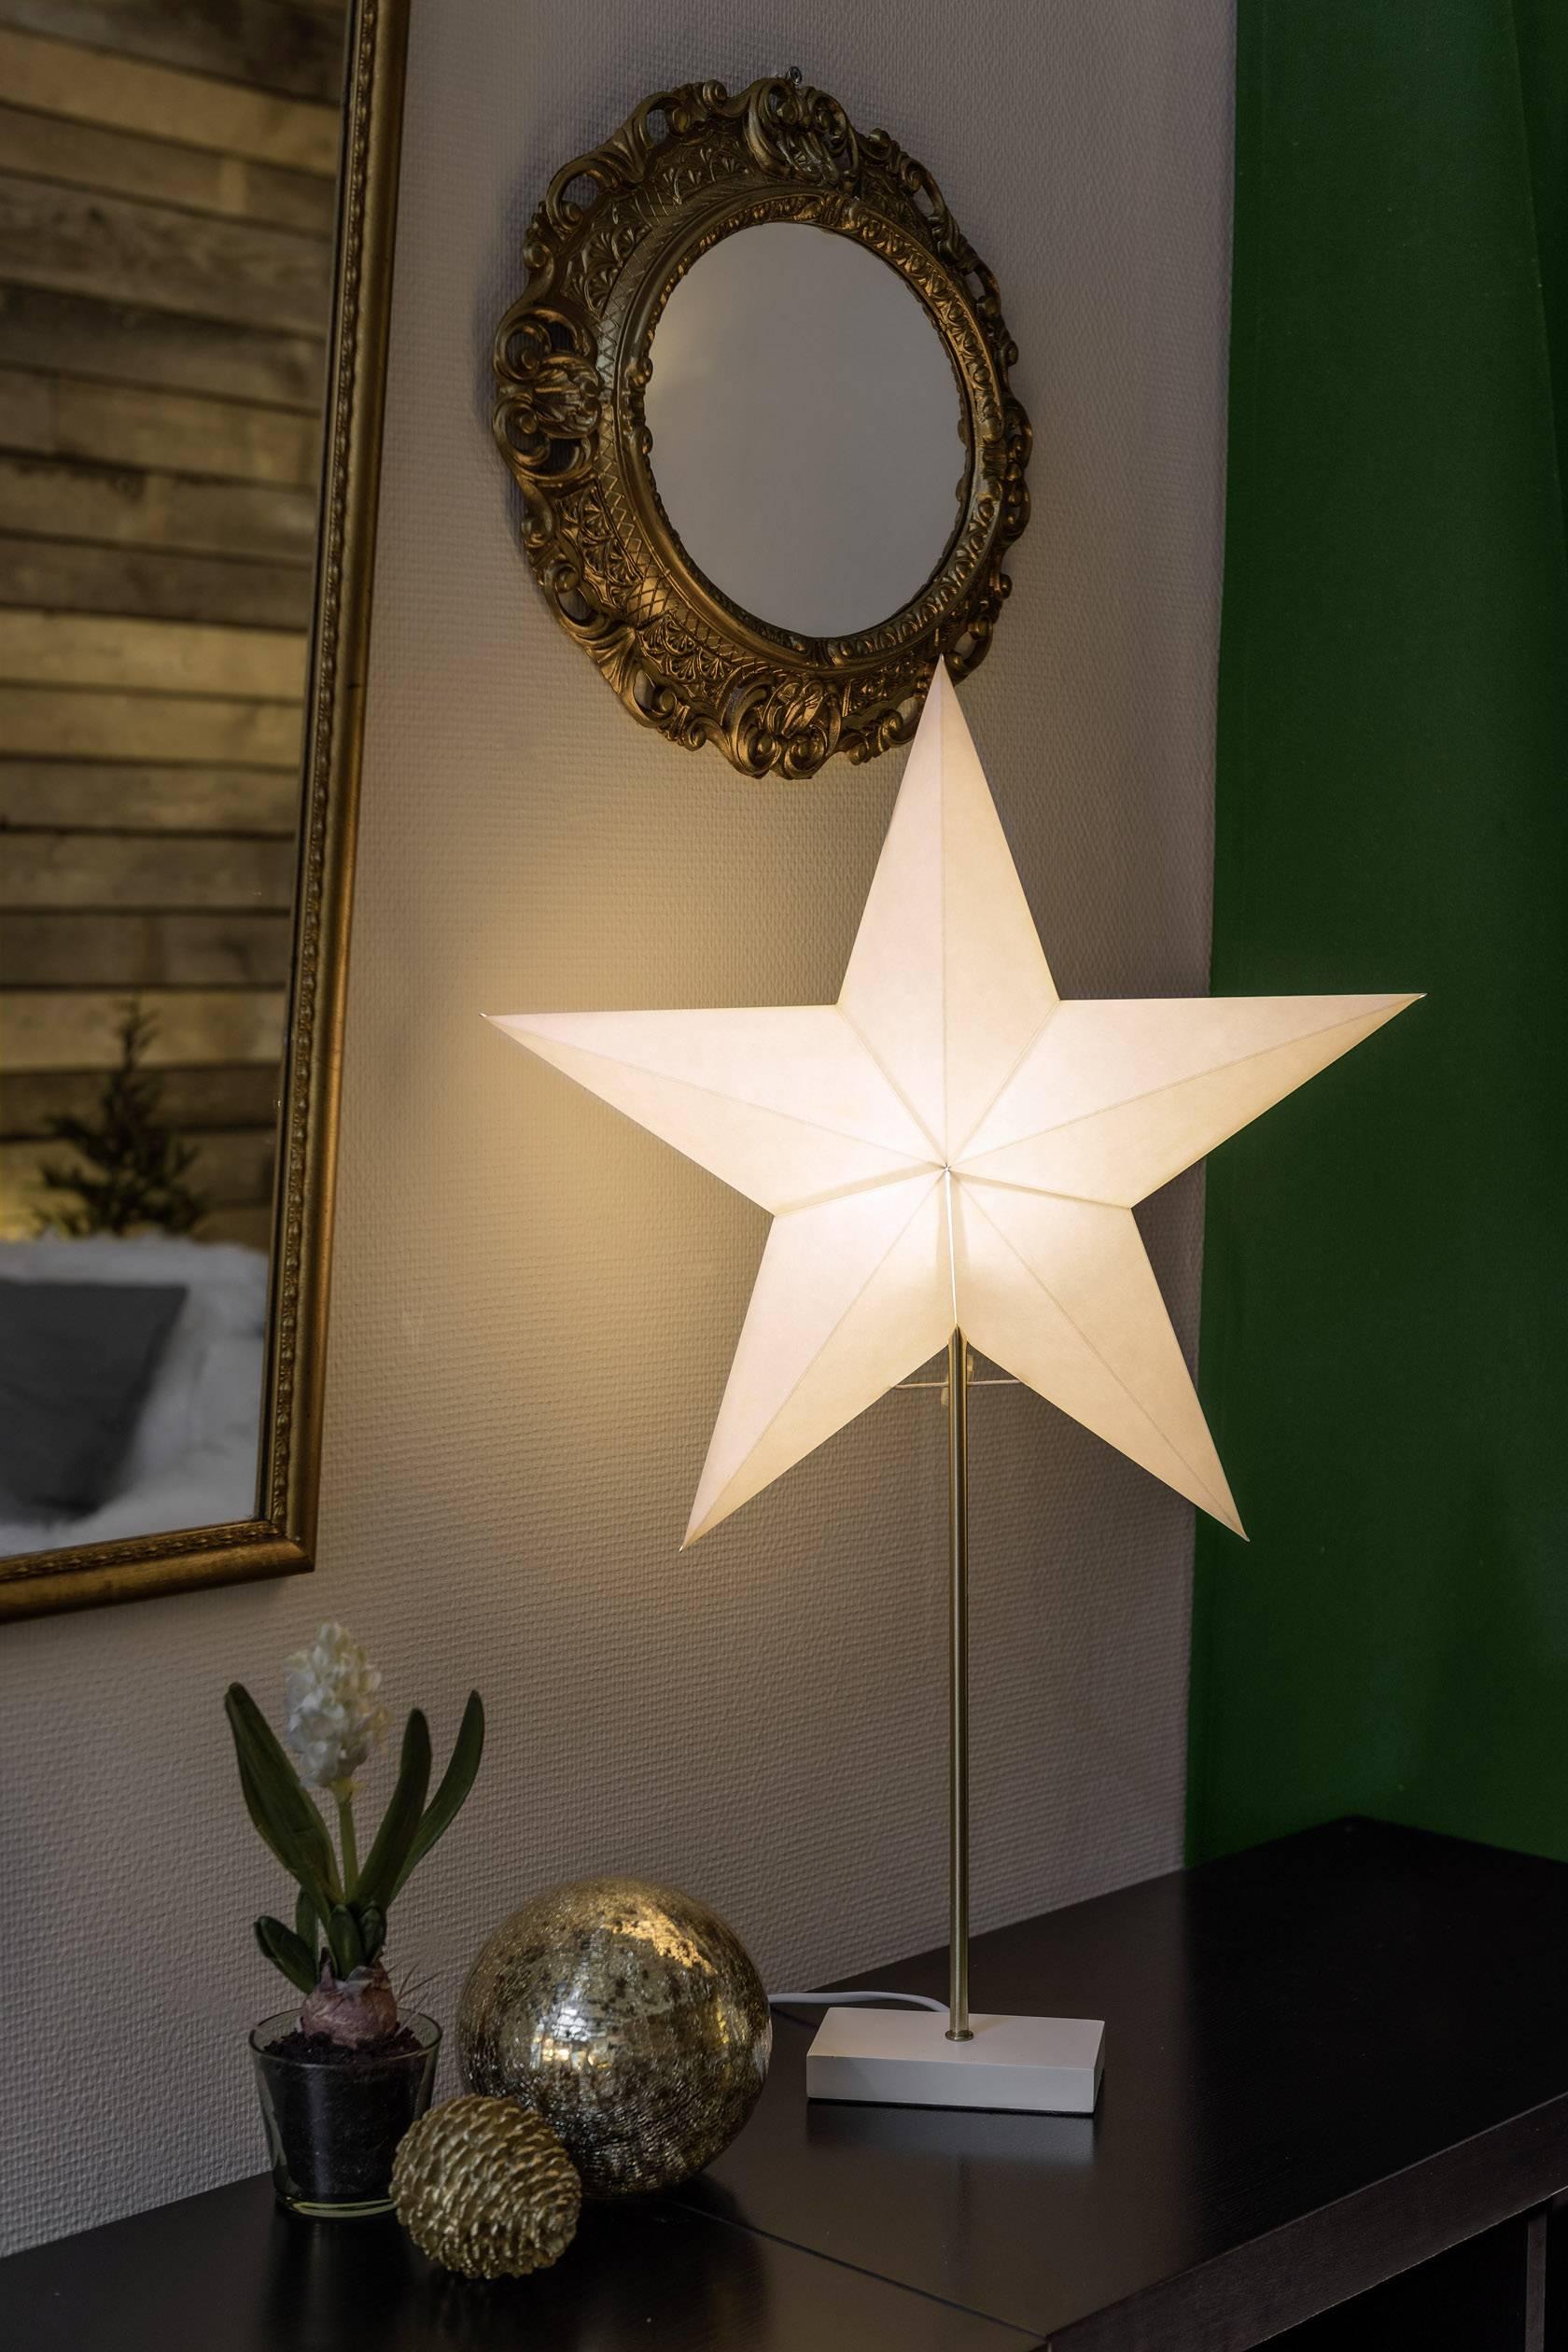 Vánoční hvězda hvězda Konstsmide 1752-220 1752-220, bílá, dřevo